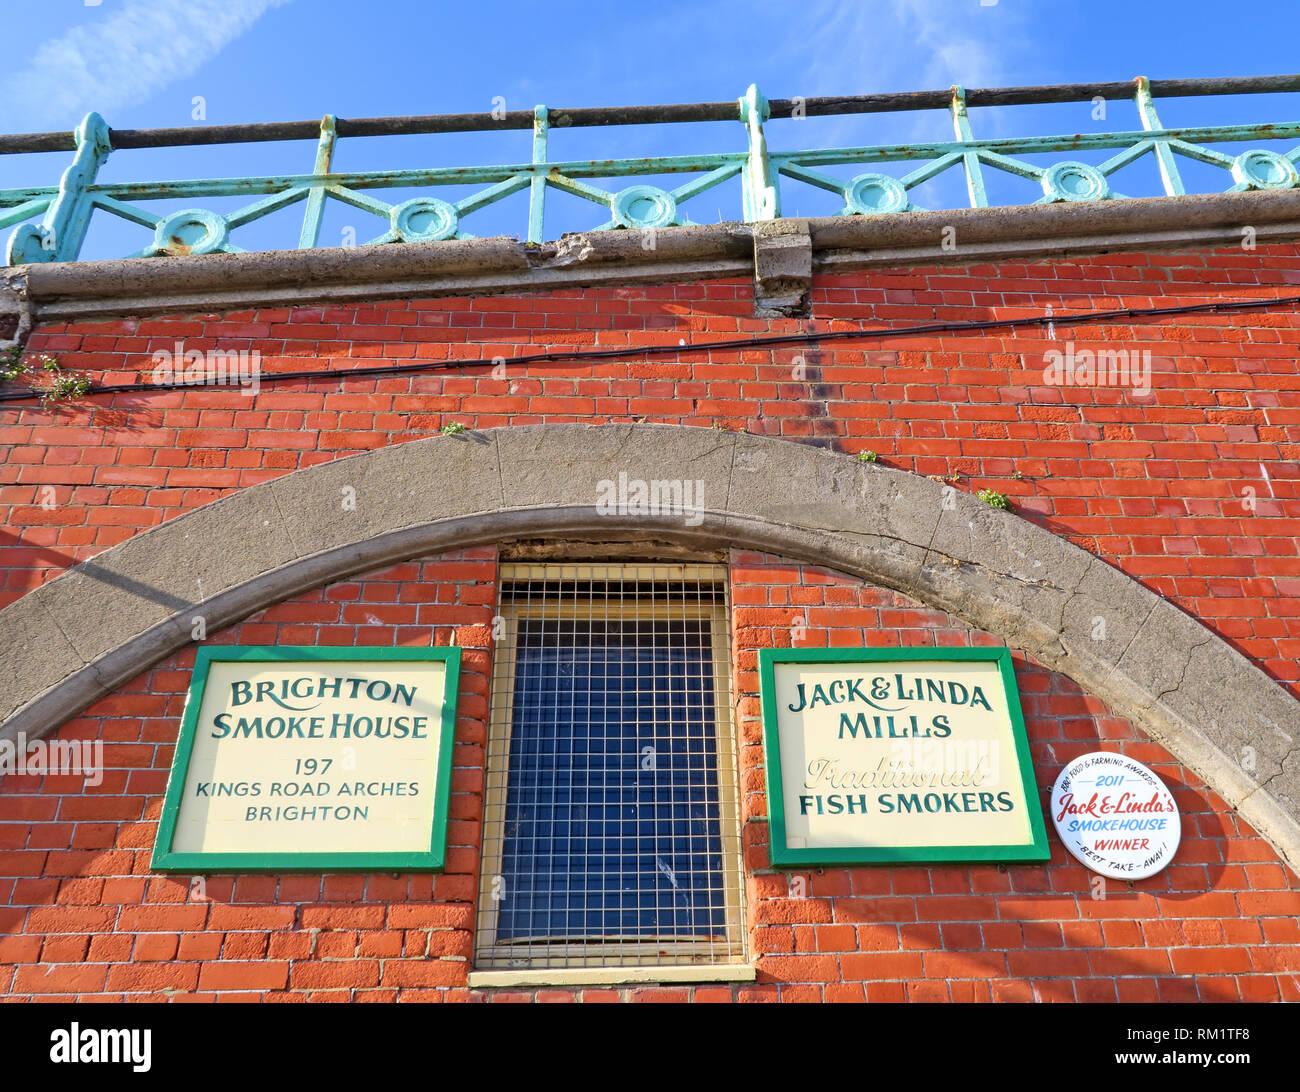 Laden Sie dieses Alamy Stockfoto Die Brighton Räucherei, 197 Kings Road Arches, Brighton Jack Linda Mühlen traditionellen Fisch Raucher, Brighton, Großbritannien - RM1TF8